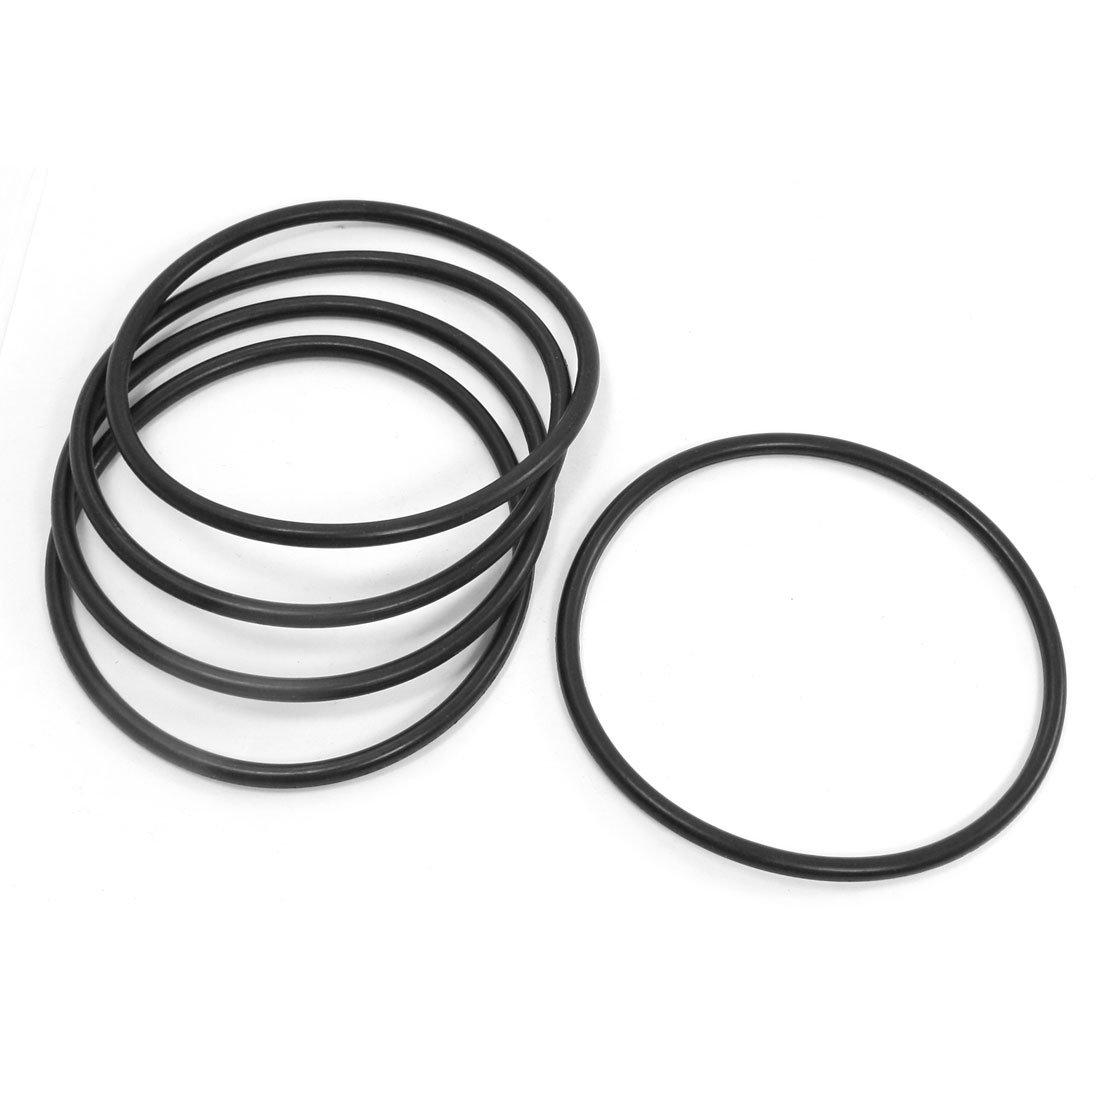 5pcs Remplacement Noir 105mm x 5mm en caoutchouc O Ring Huile joints d'étanchéité Sourcingmap a14022100ux0236